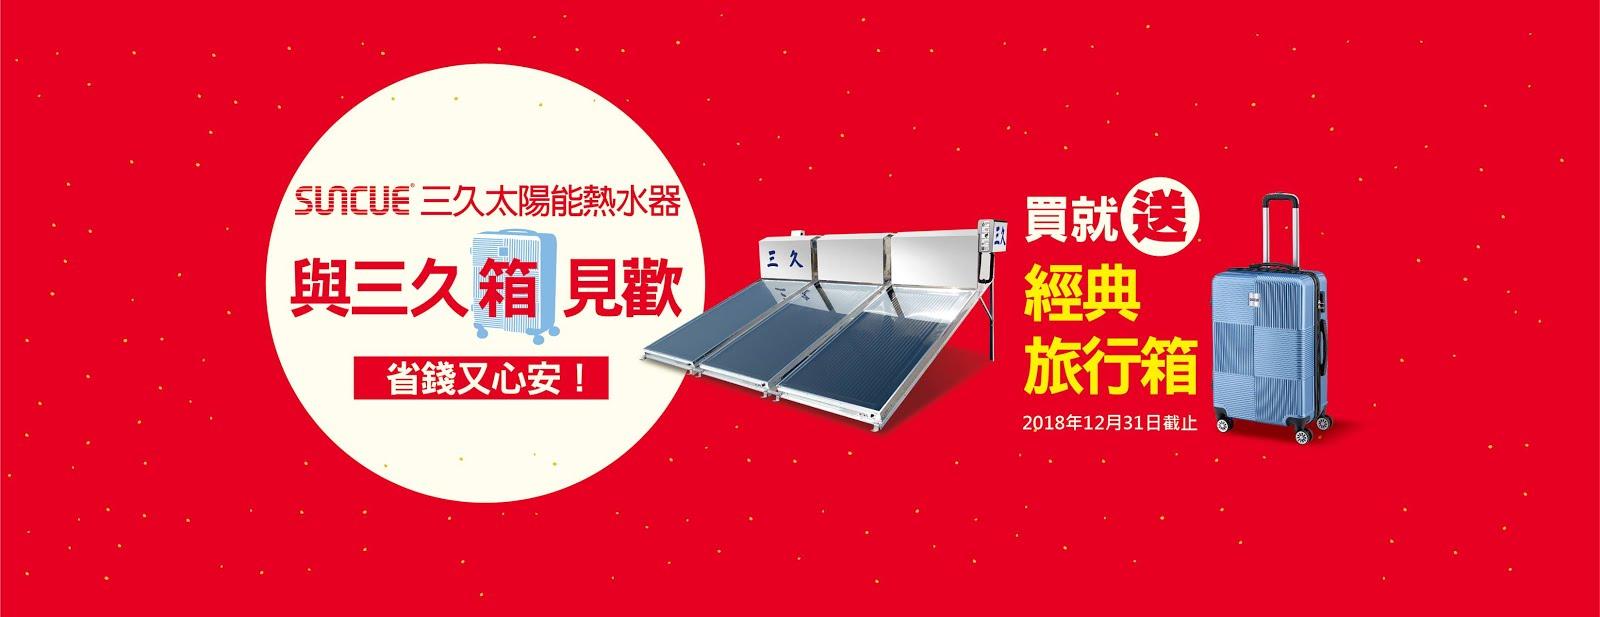 公告: 【熱水器焦點訊息】用太陽熱能愛地球,買三久用耐久即日購買到107年12月31日止送旅行必備小物旅行箱